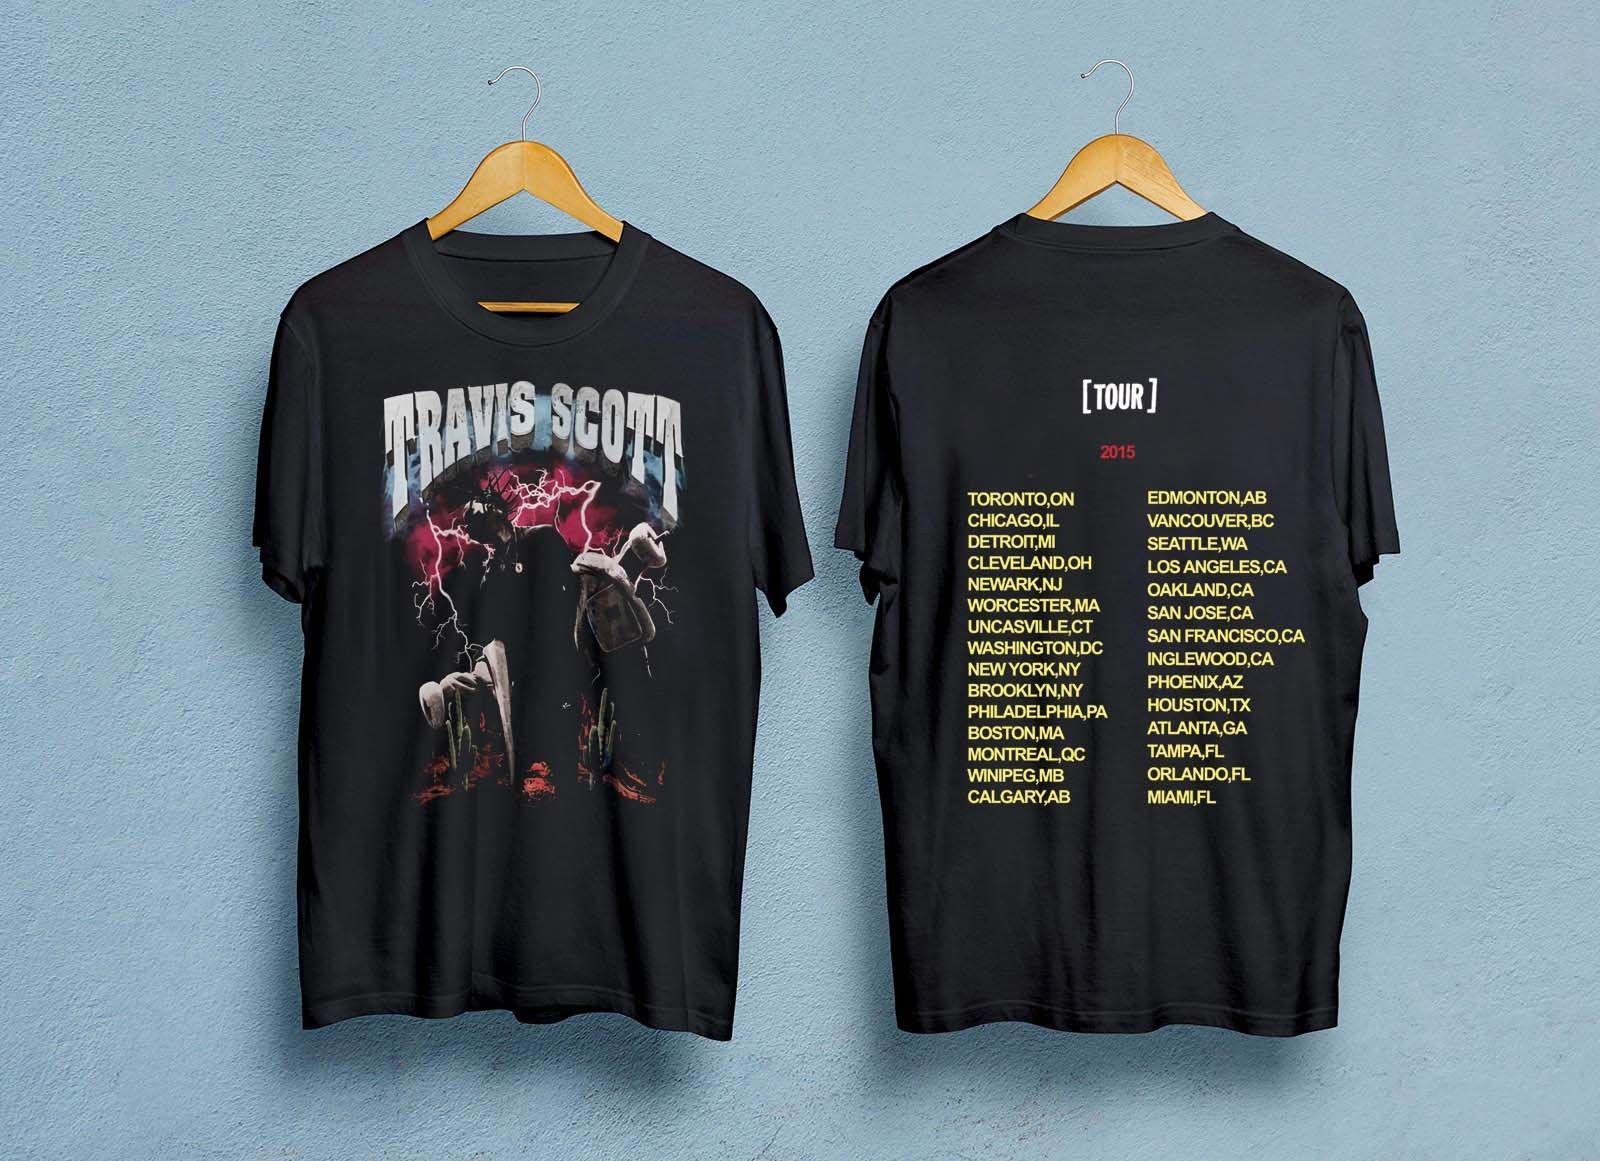 6f74418fc547 Travis Scott Pen & Pixel T-shirt RODEO MADNESS Men's Women's Shirt summer  Hot Sale New Tee Print comfortable fabric